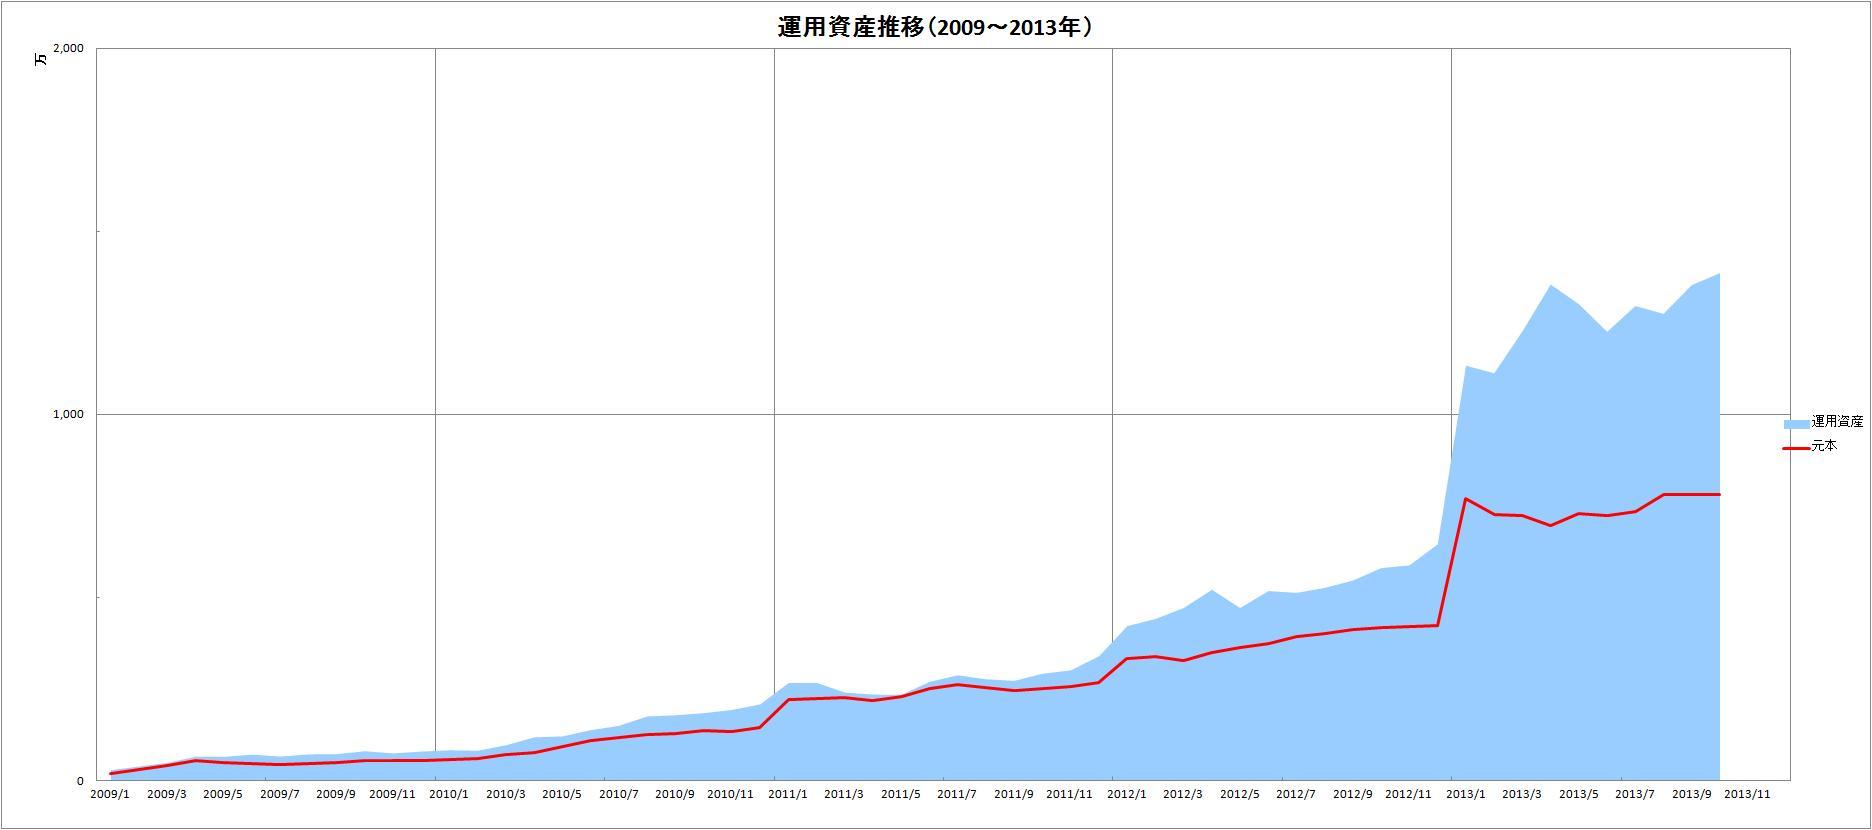 元本&運用資産推移(2009~2013年)_10月